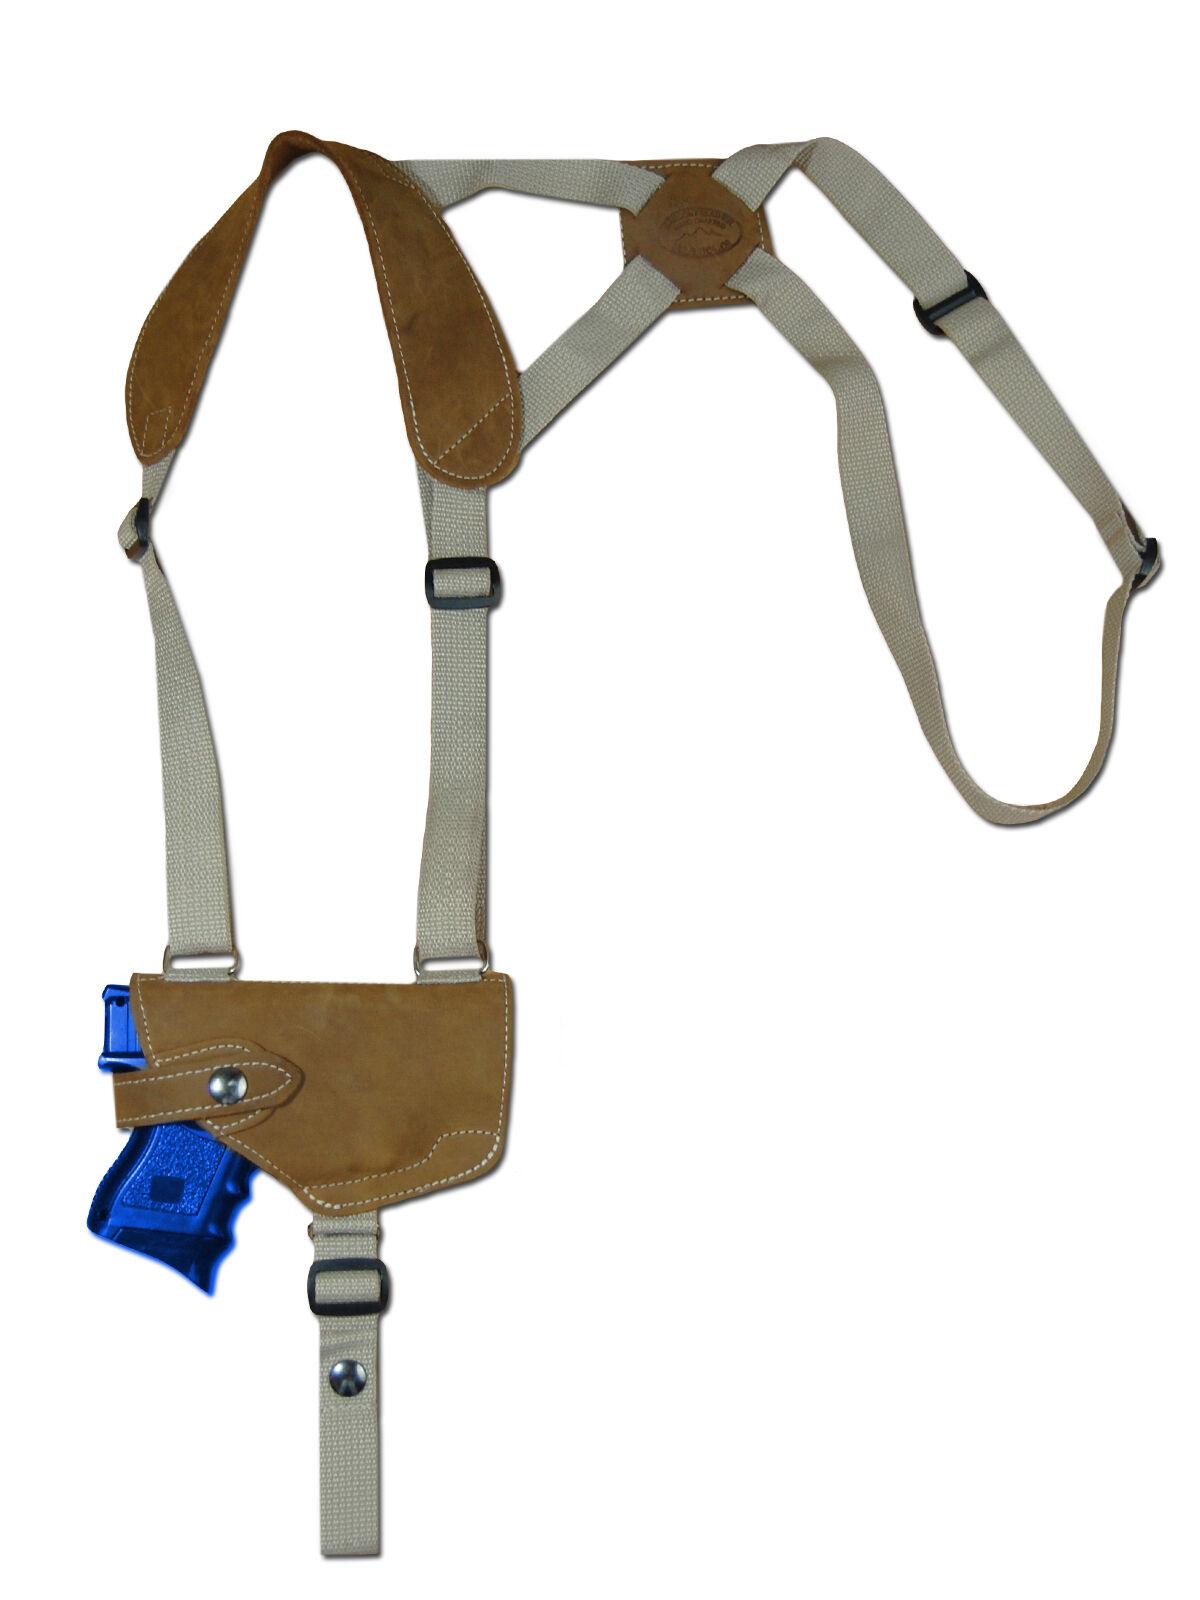 NEW Barsony Olive Drab Leder Shoulder Holster Steyr Walther Comp 9mm 40 45 HOR